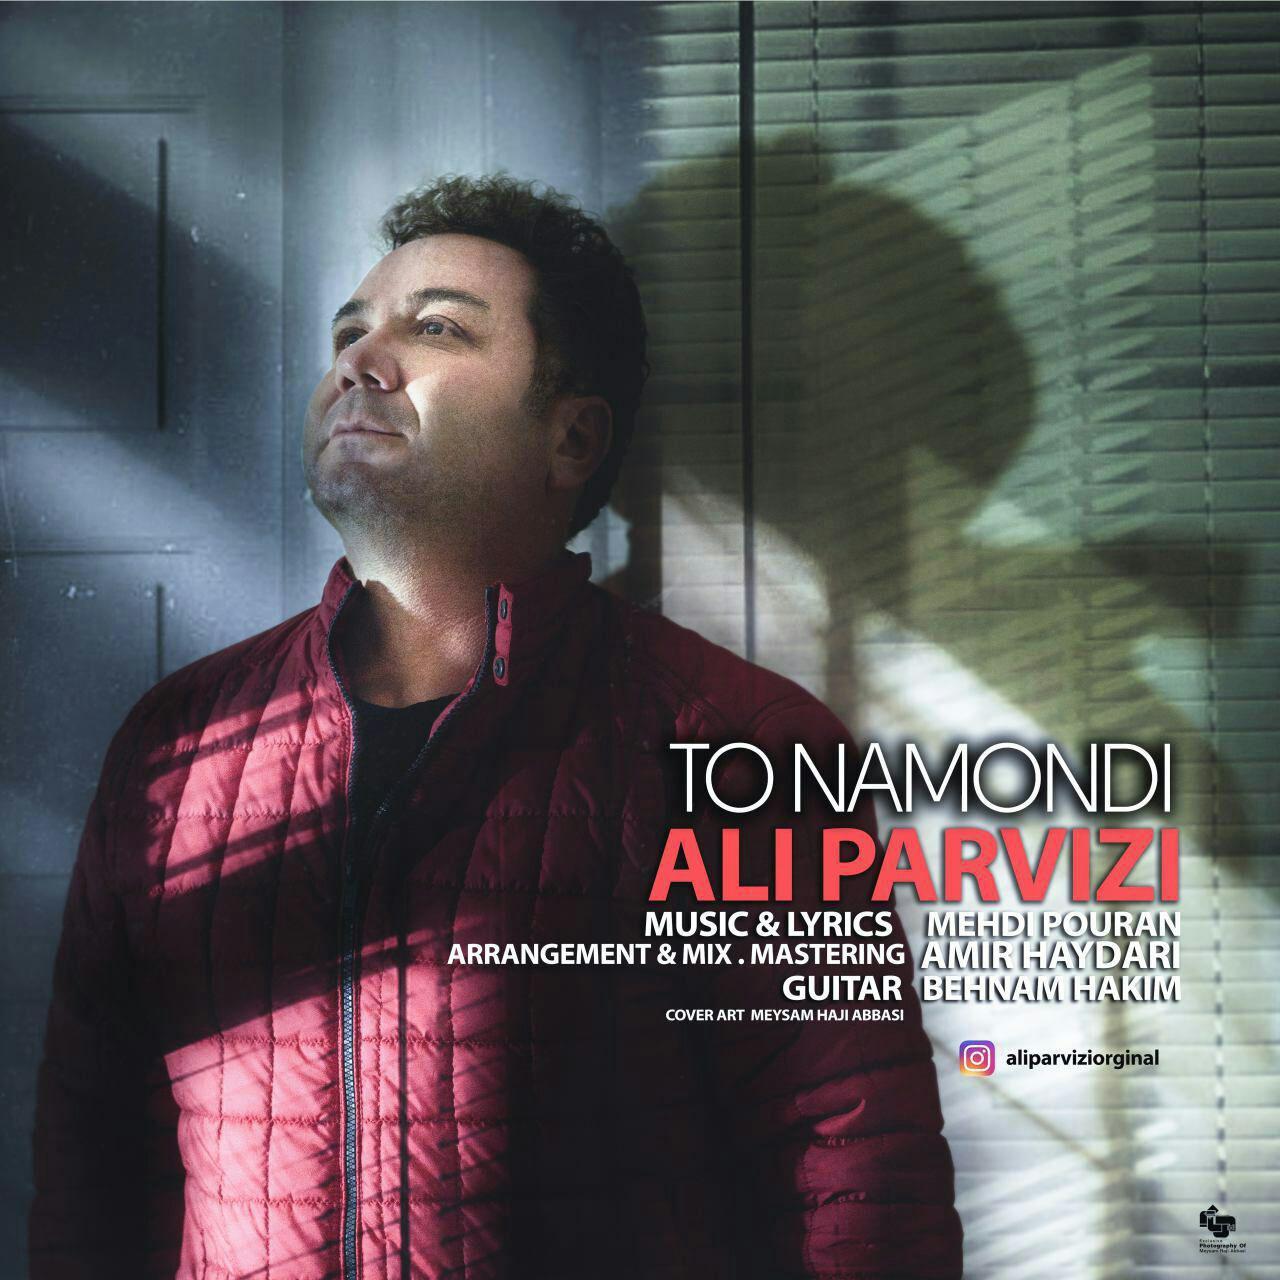 دانلود آهنگ جدید علی پرویزی بنام تو نموندی